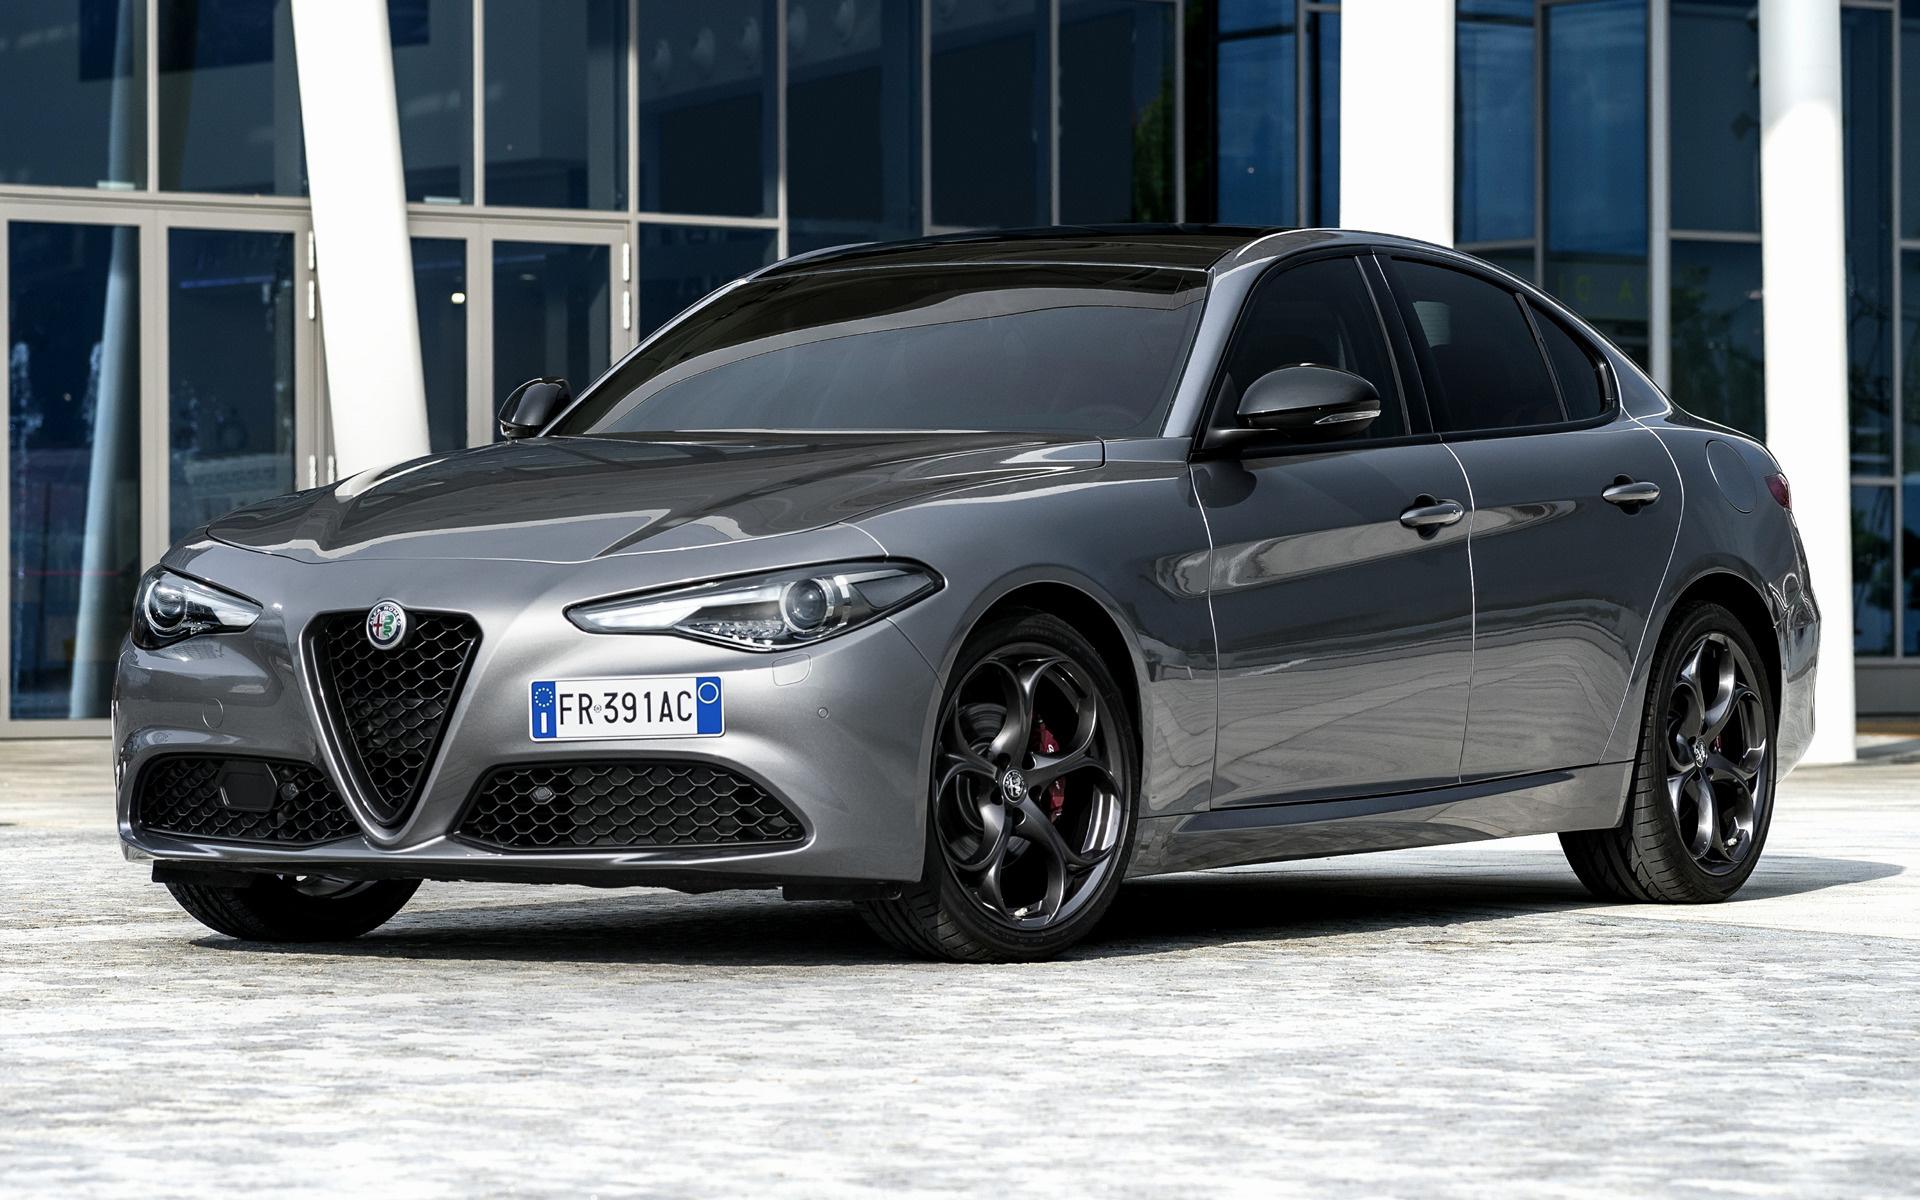 Alfa Romeo Giulia >> 2018 Alfa Romeo Giulia B-Tech - Wallpapers and HD Images ...